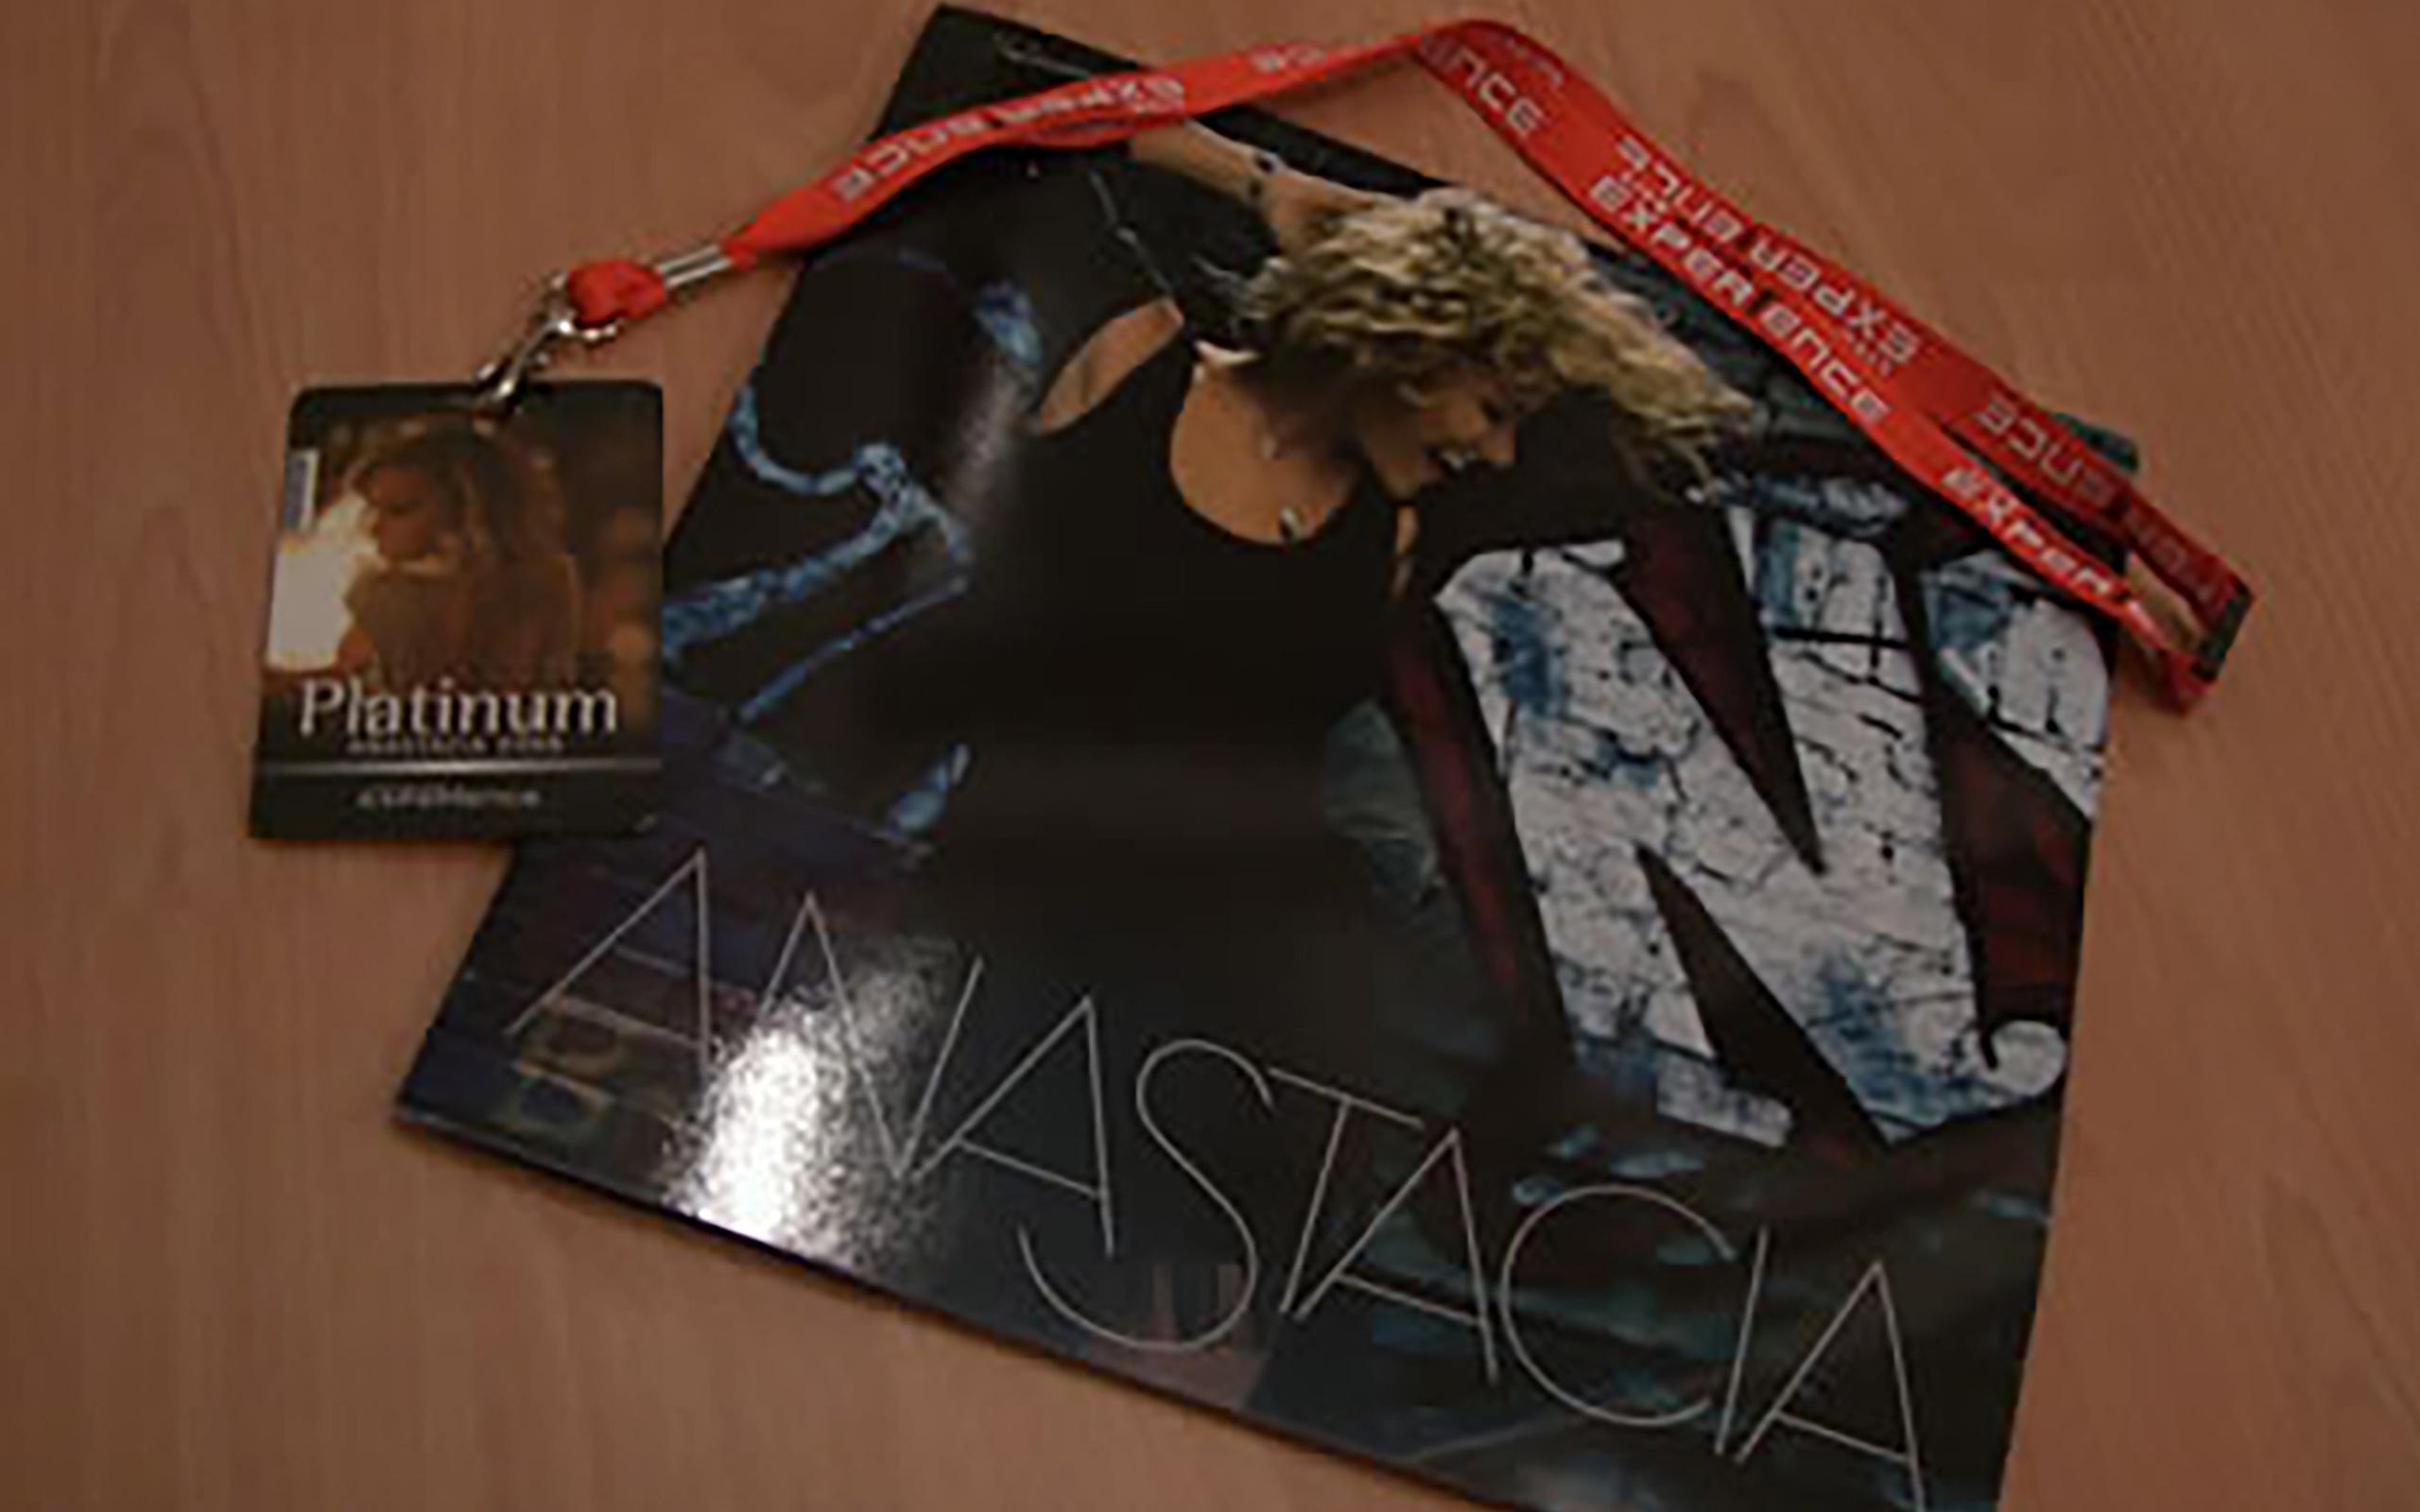 """Tourbook und Platinum VIP Card der """"Heavy Rotation"""" - Tour 2009"""